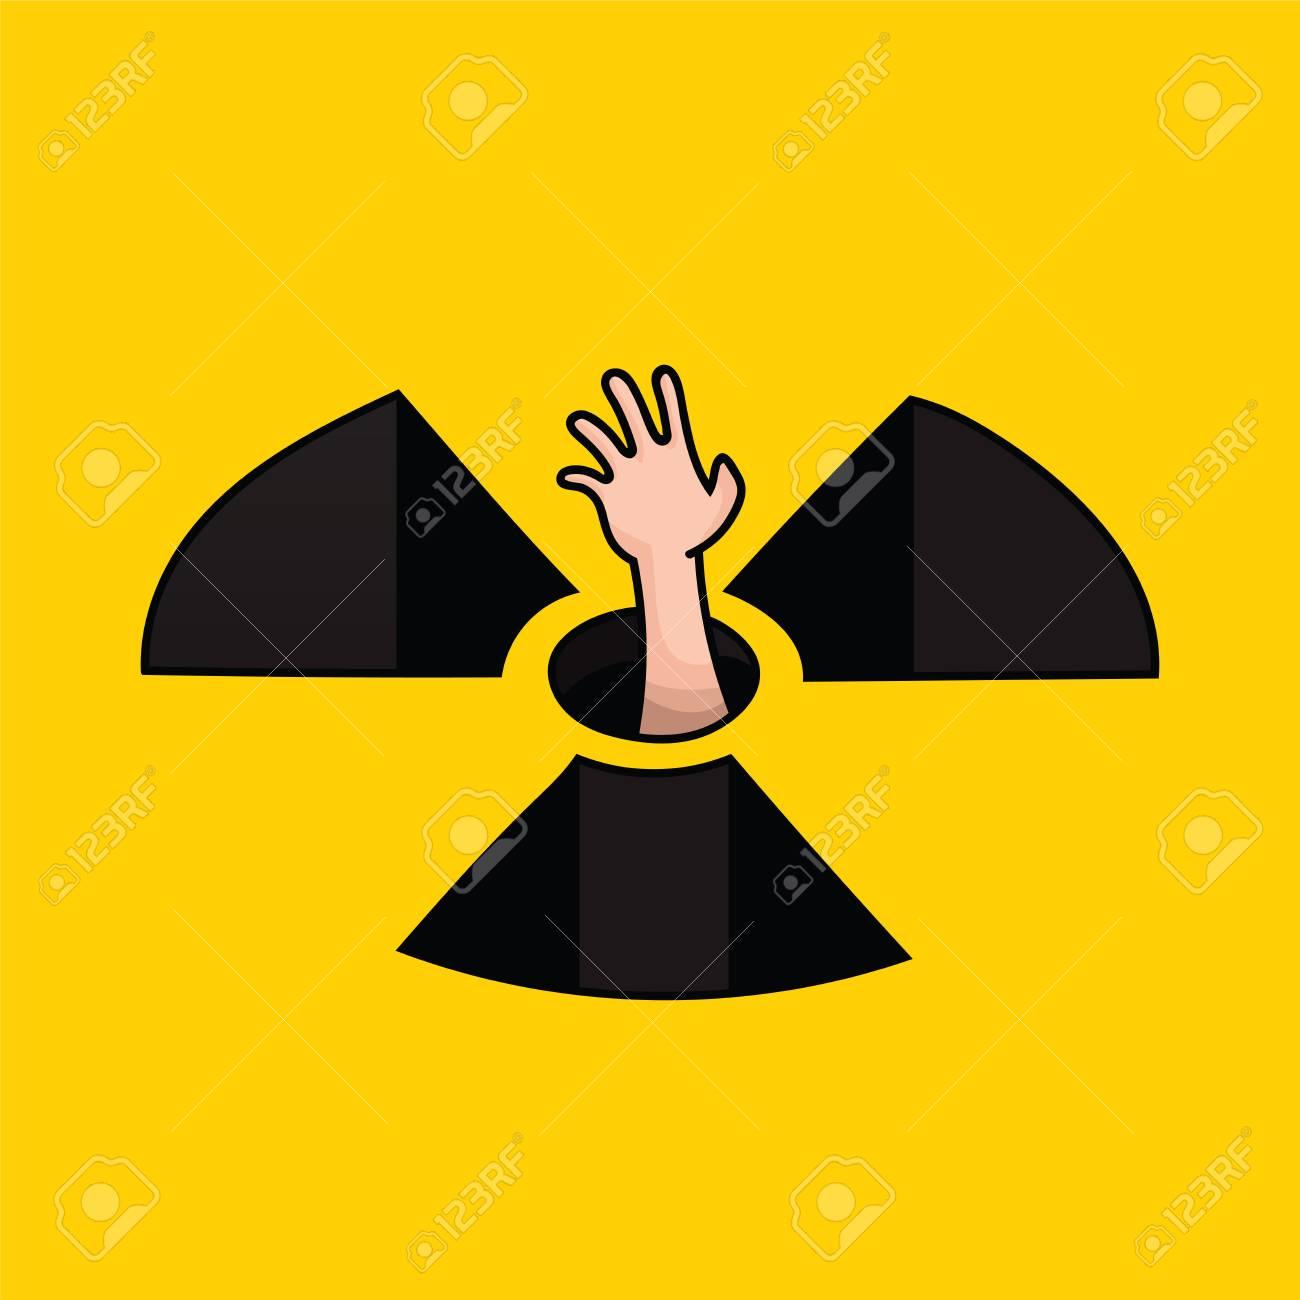 反原発キャンペーンのベクトル図のイラスト素材ベクタ Image 48075819